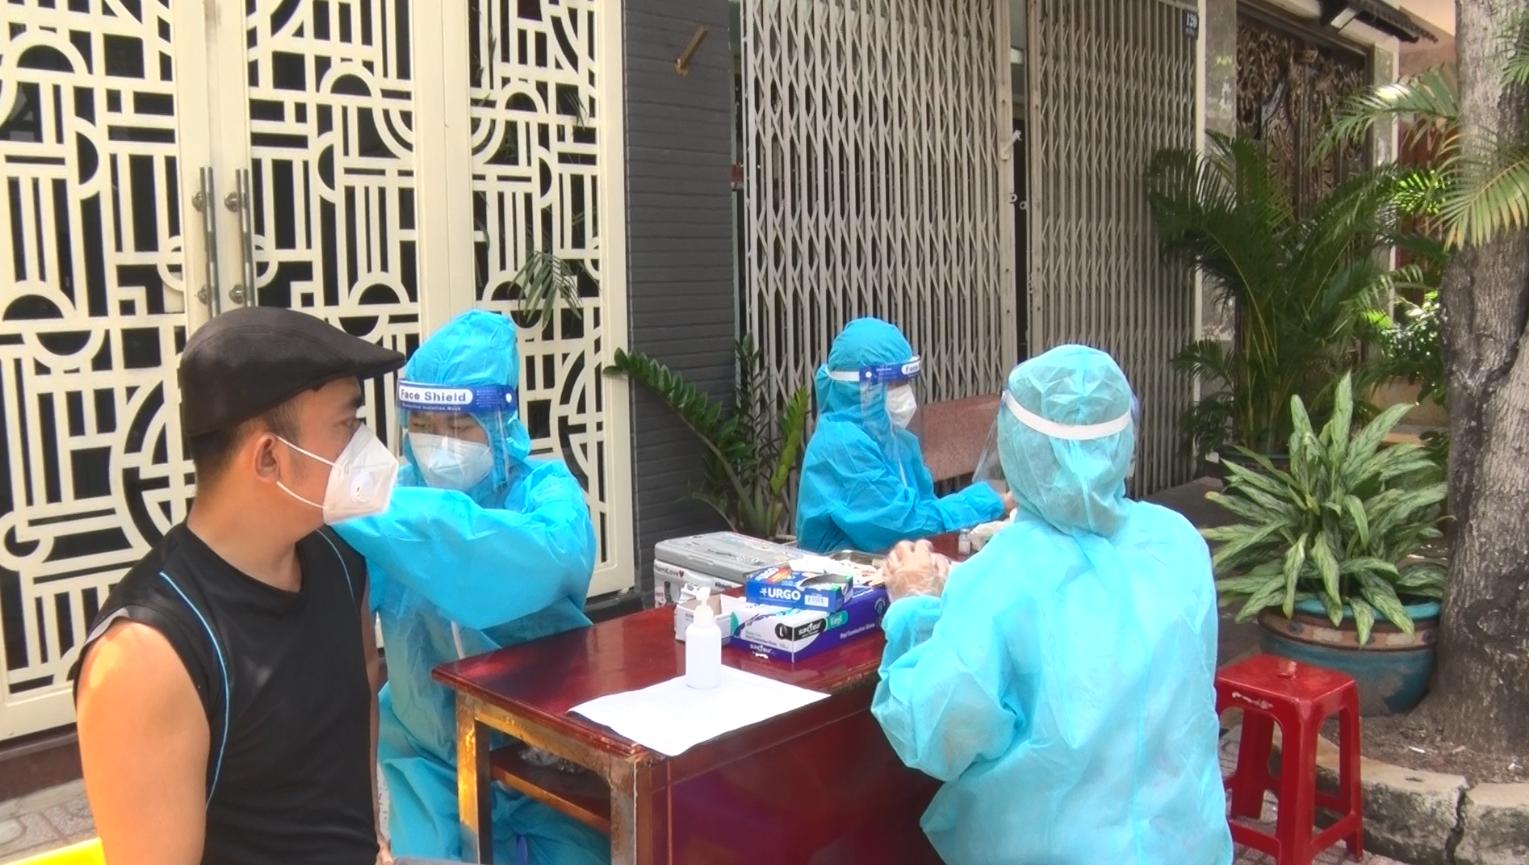 Đội tiêm ngừa vaccine COVID-19 lưu động cho người dân khu vực phong tỏa - Ảnh 5.